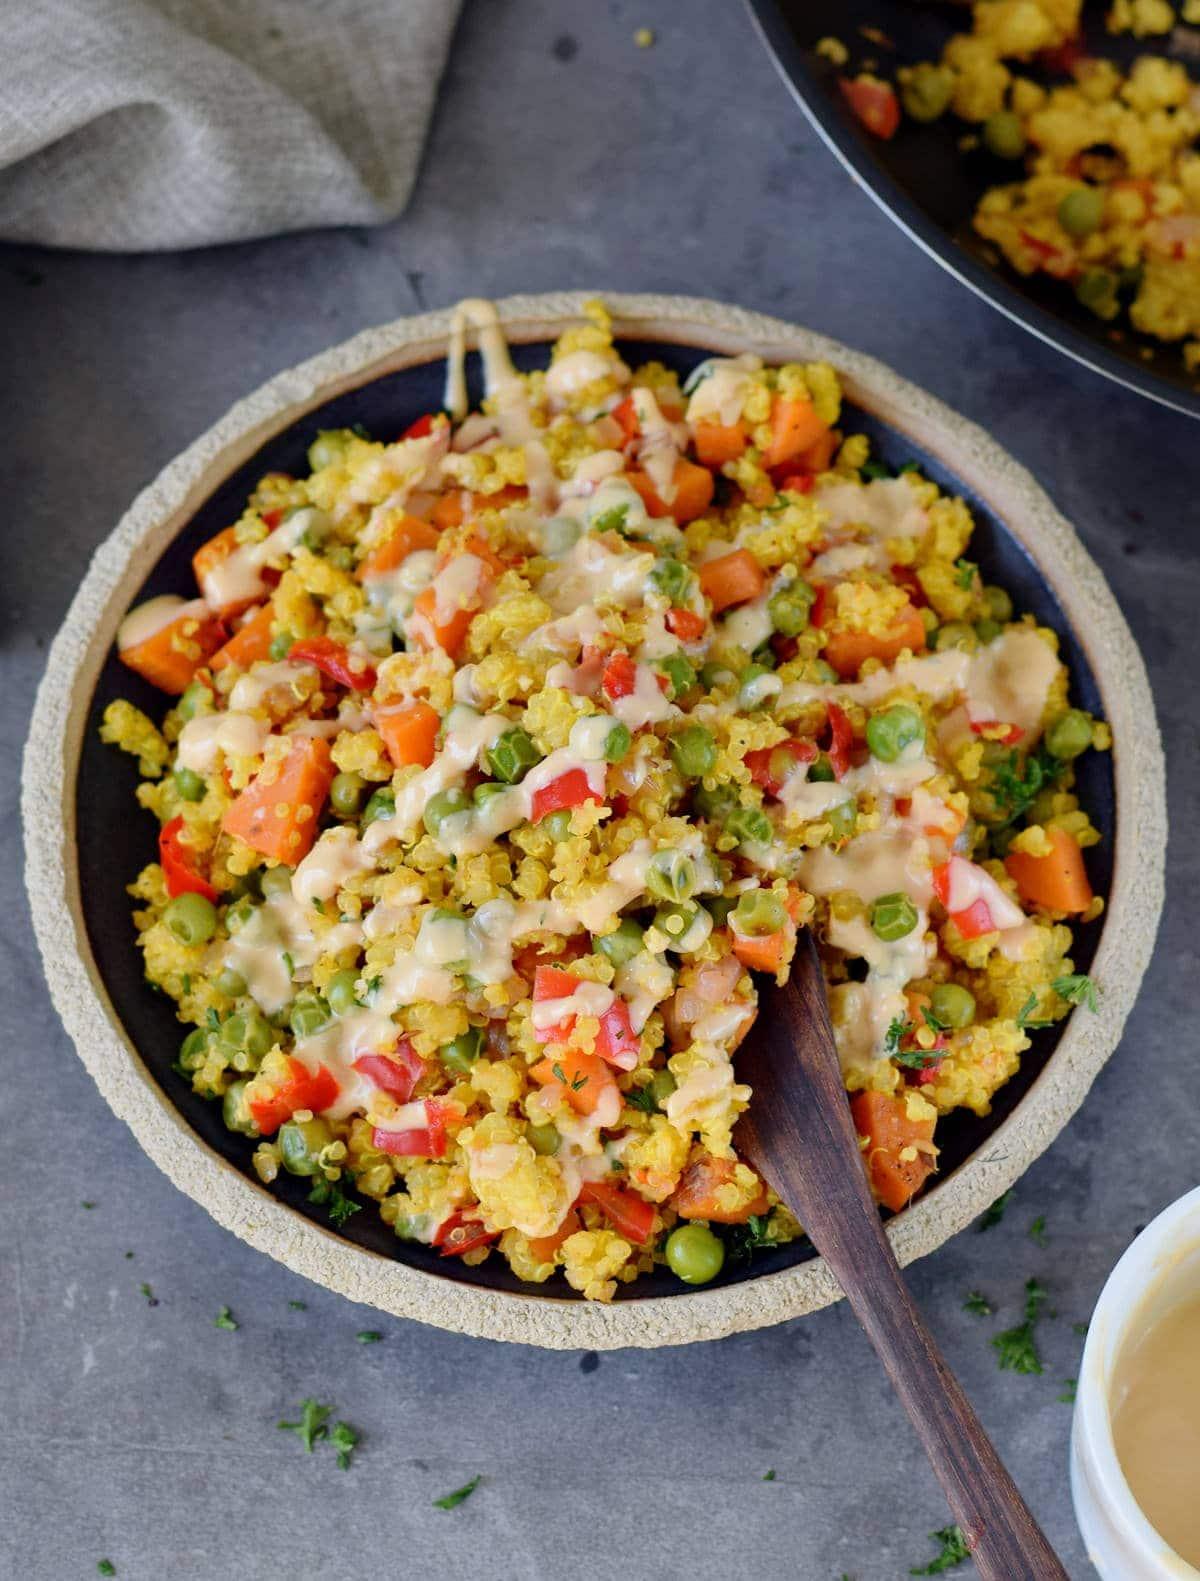 glutenfreier Salat auf einem schwarzen Teller